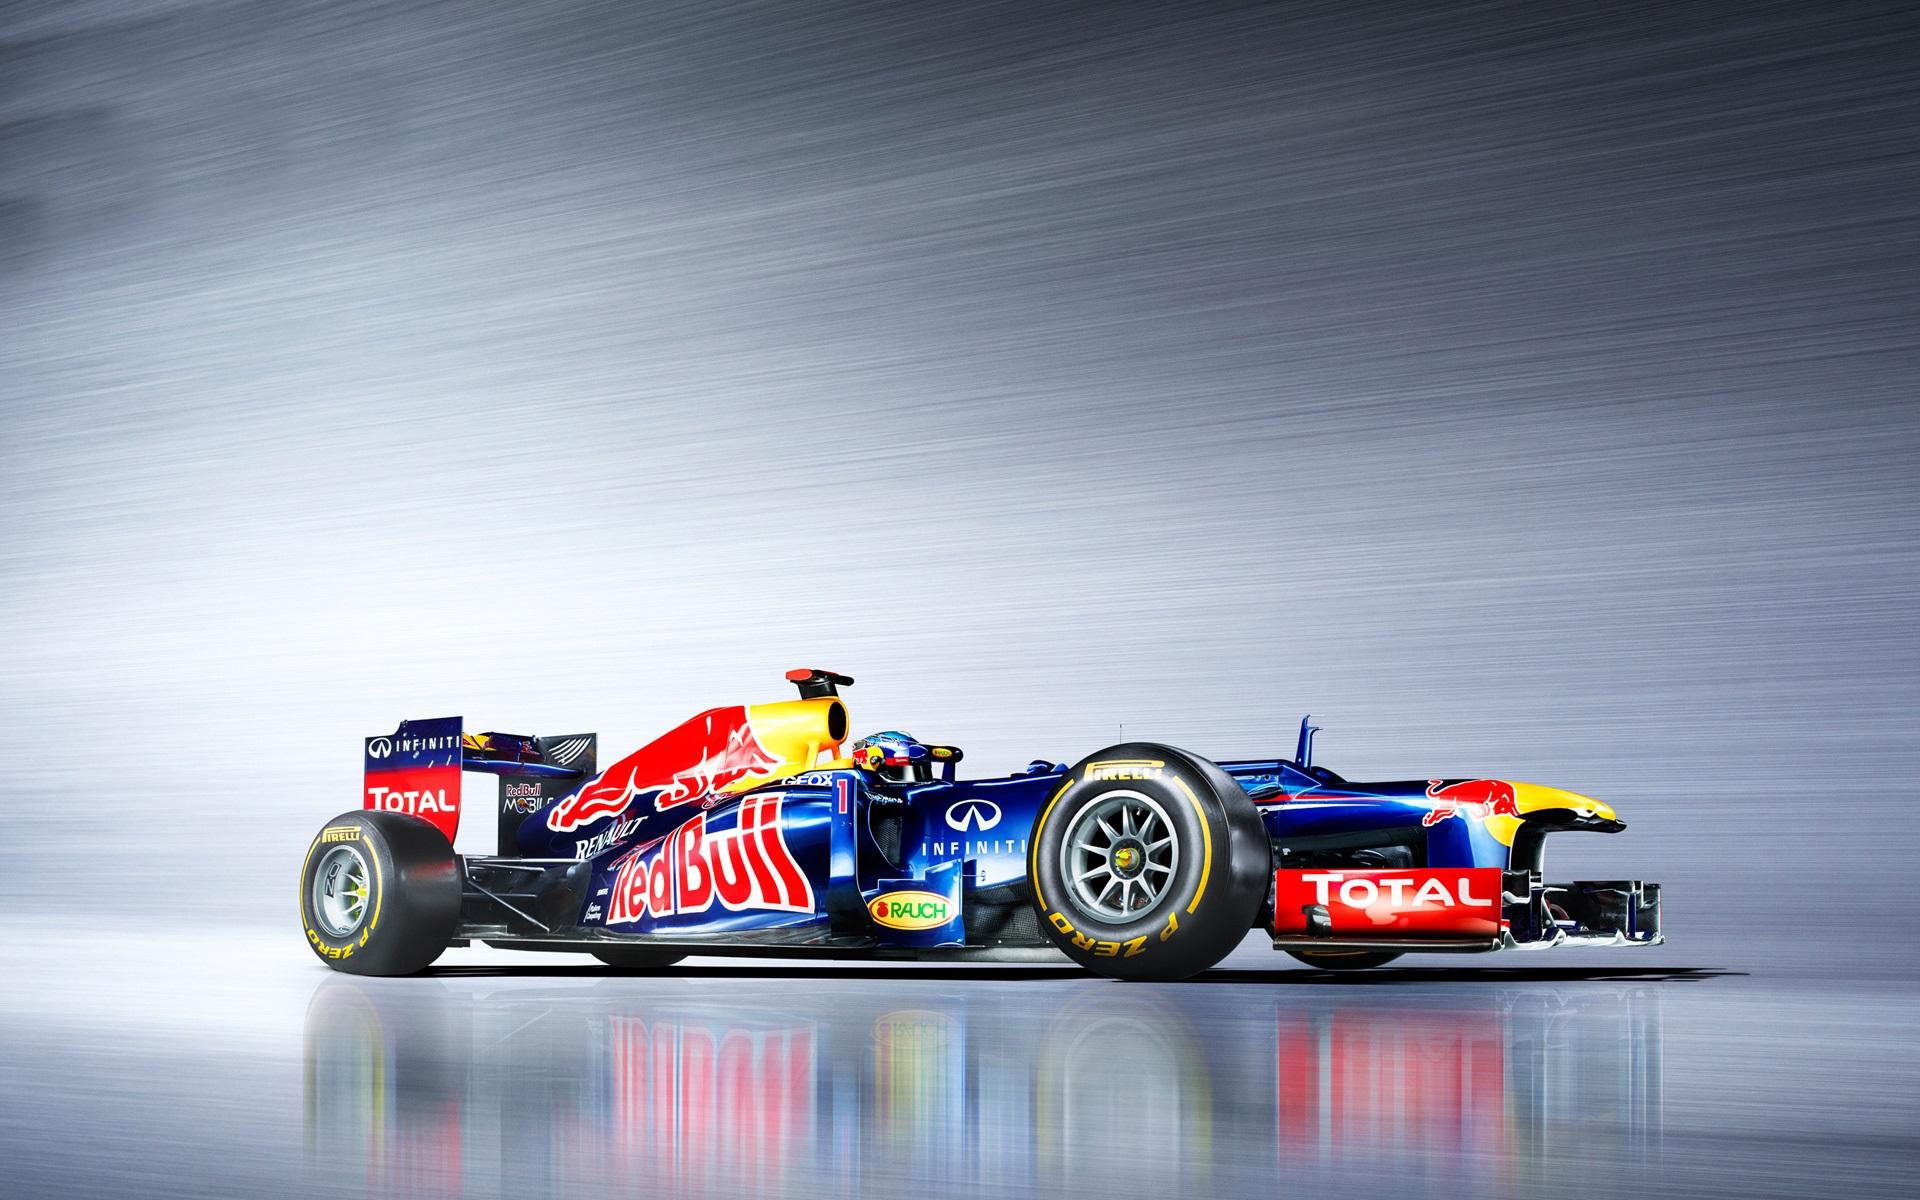 红牛壁纸_一级方程式赛车,f1,红牛,超级跑车